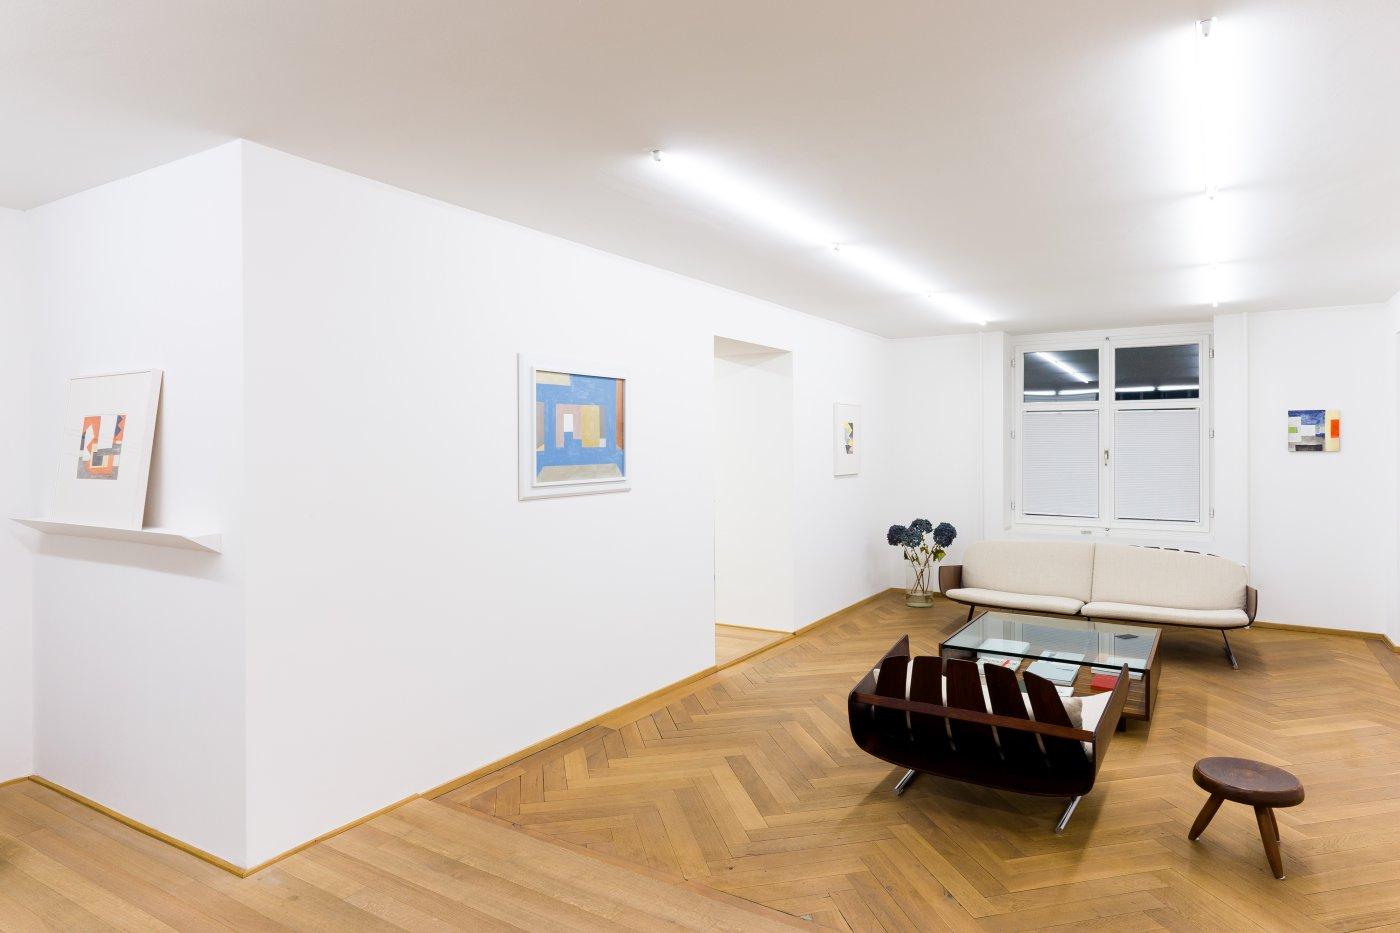 Mai 36 Galerie Ernst Caramelle Jorge Mendez Blake Christoph Rutimann 2